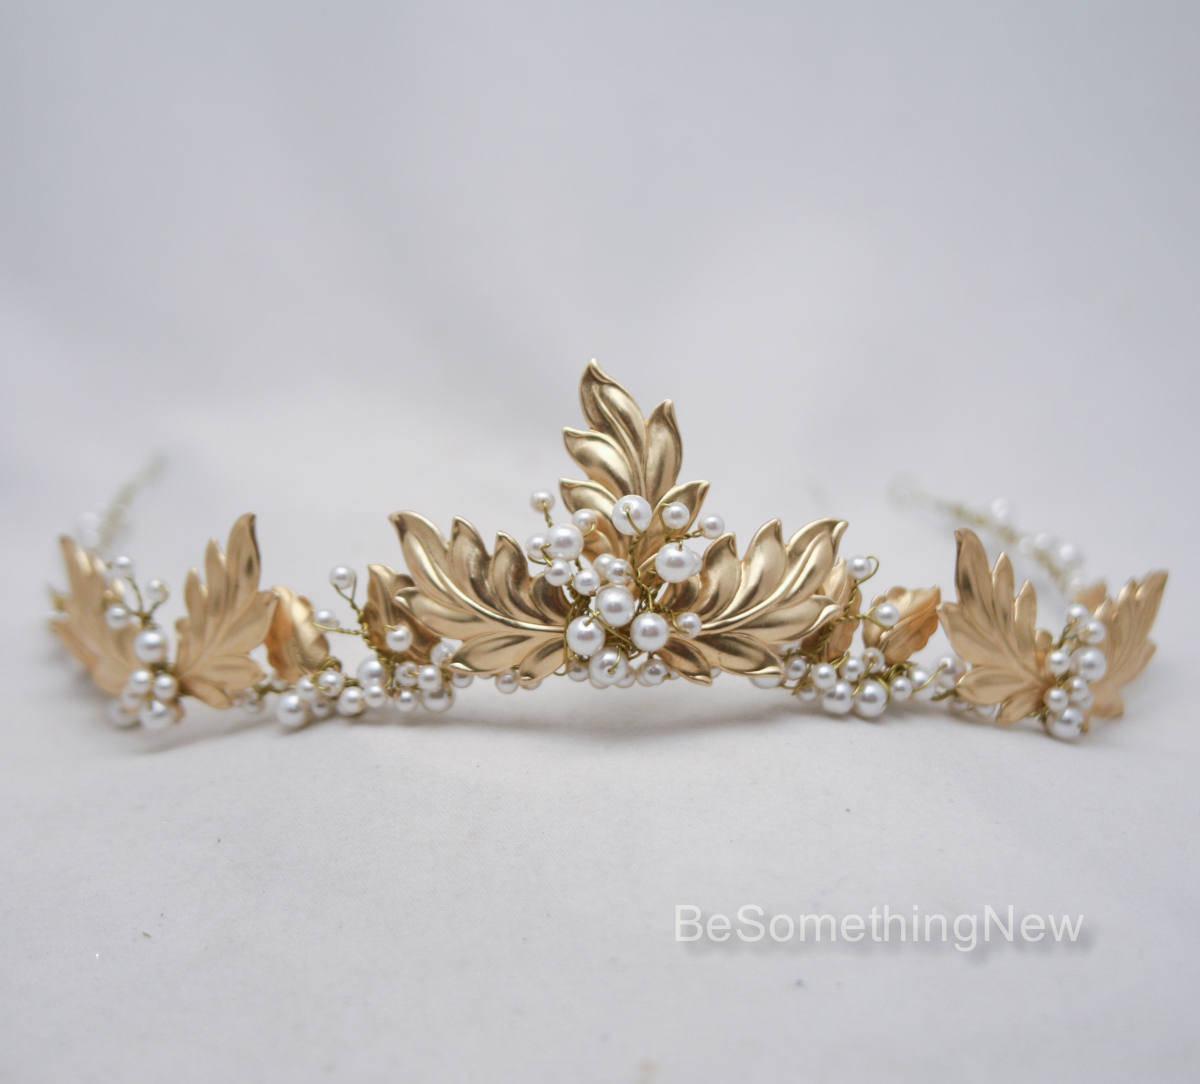 Gold Leaf And Pearl Wedding Crown Laurel Tiara Of Metal